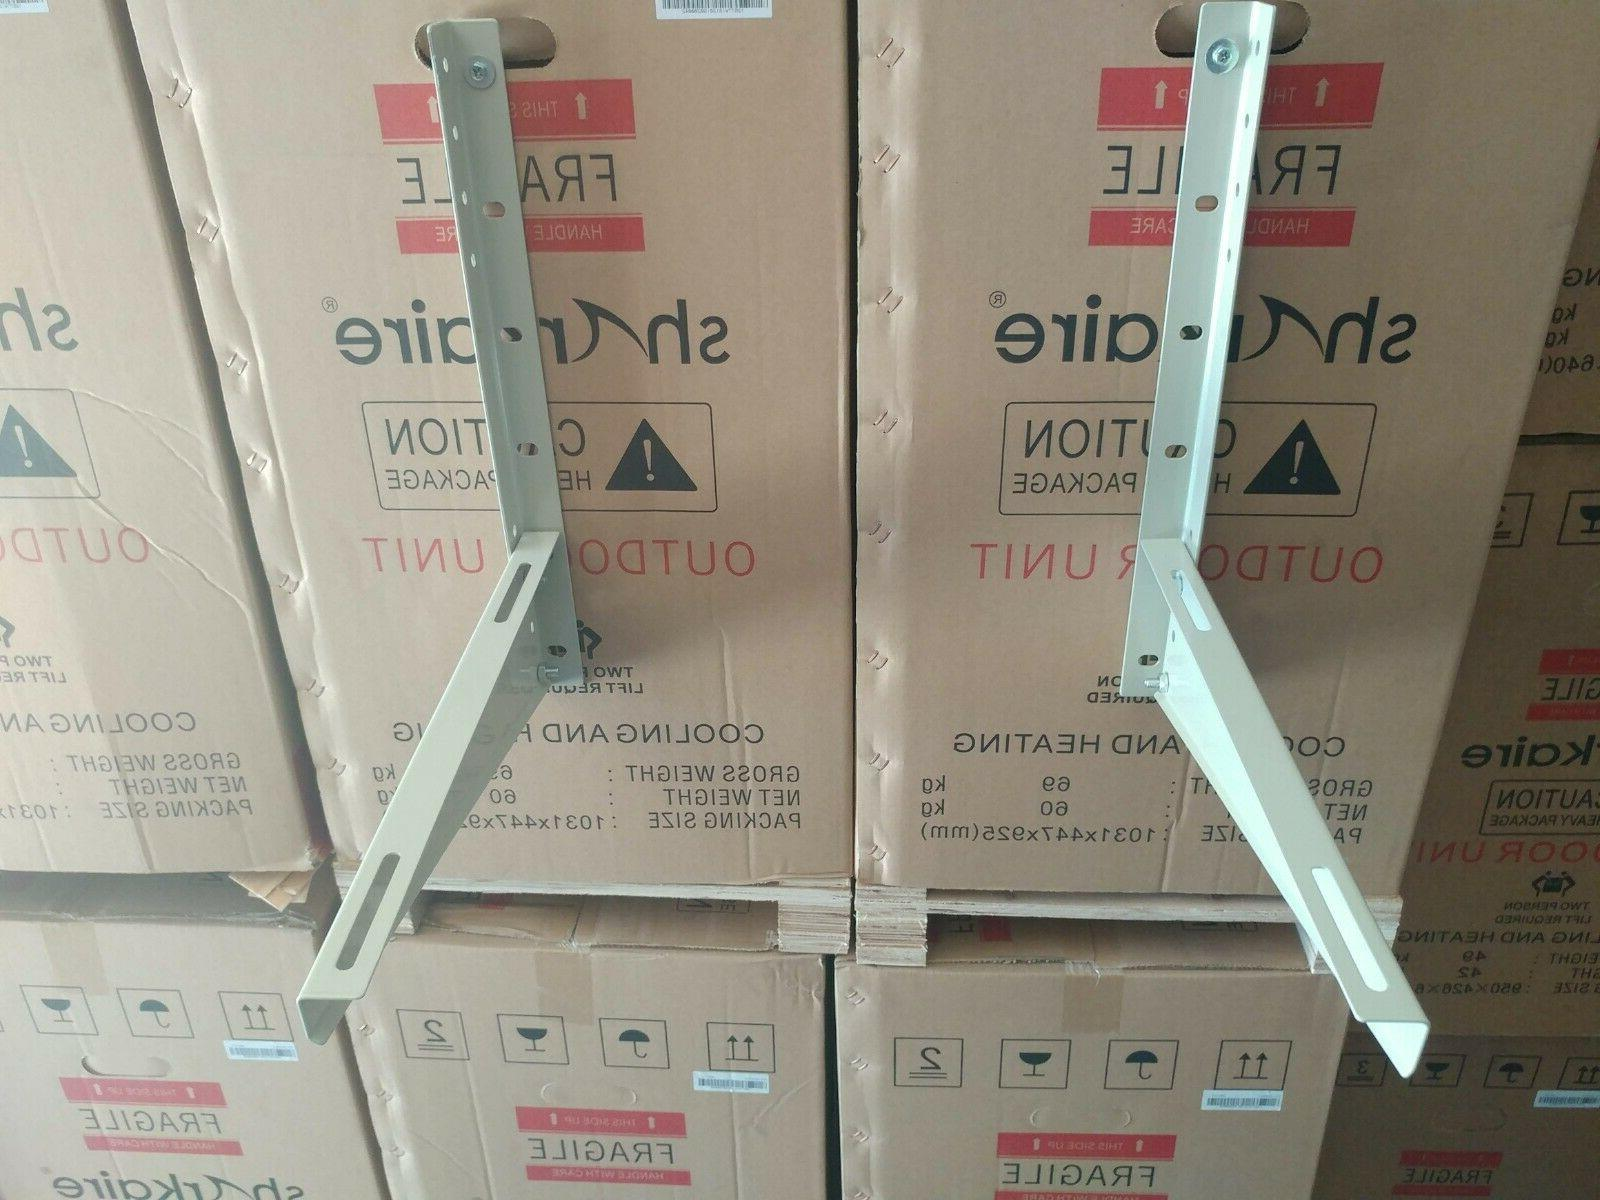 Mini Air Condenser,Wall Bracket for 9000-36000